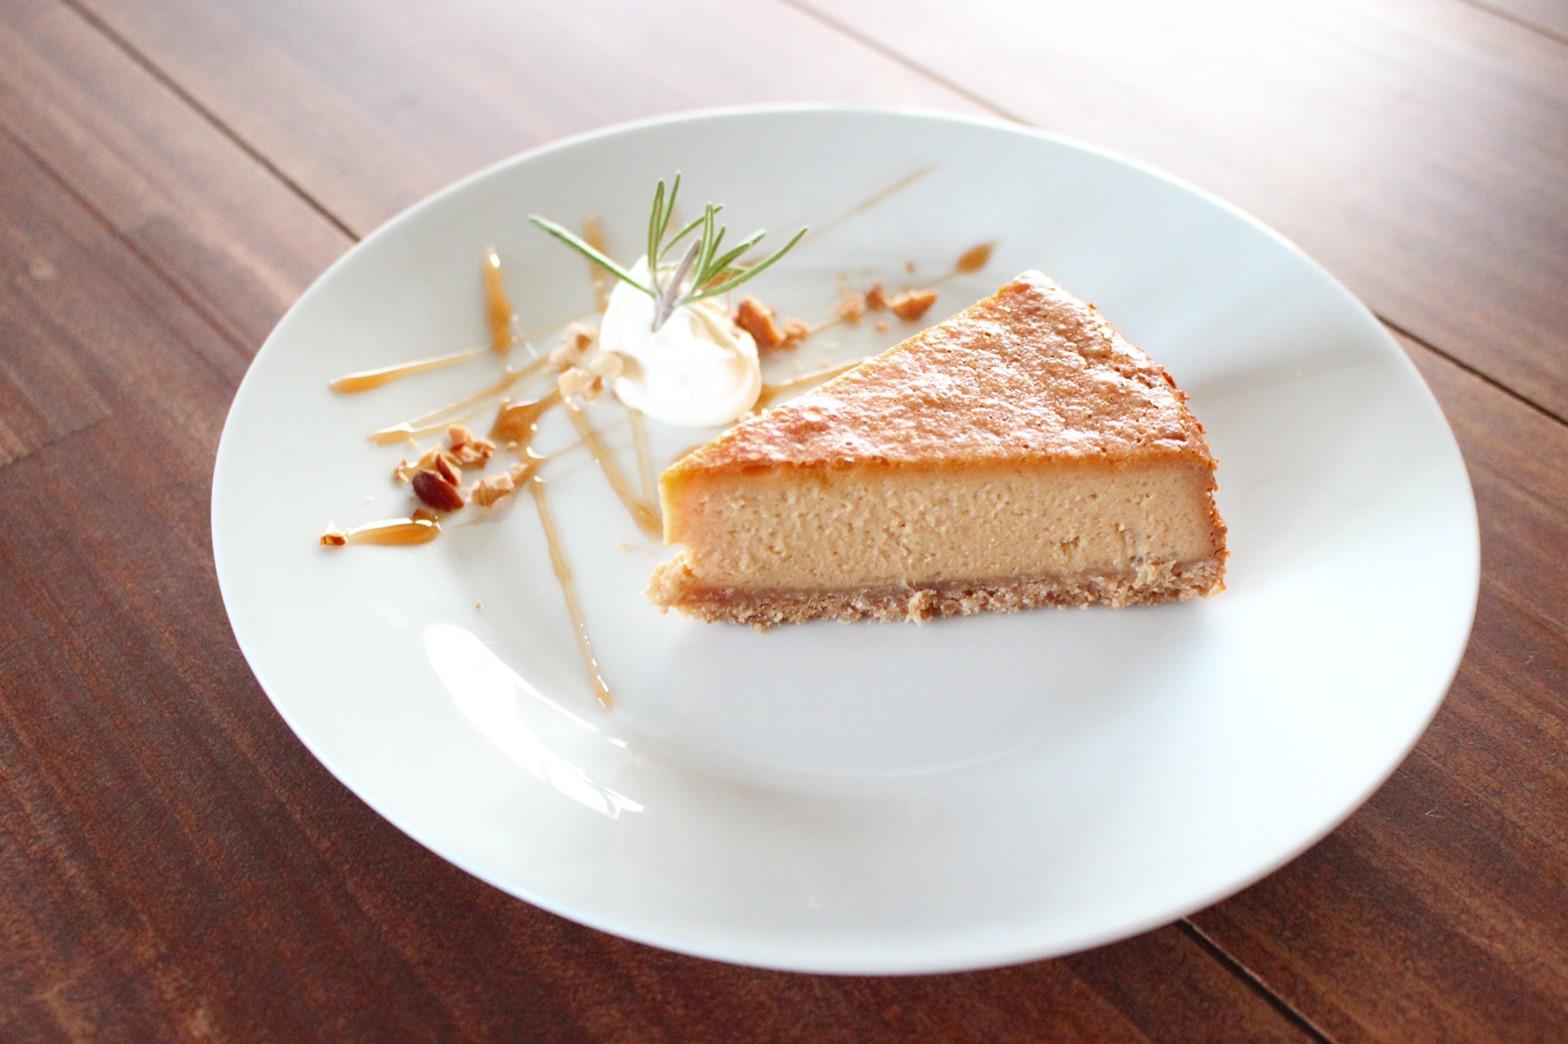 キャラメルバナナのベイクドチーズケーキ